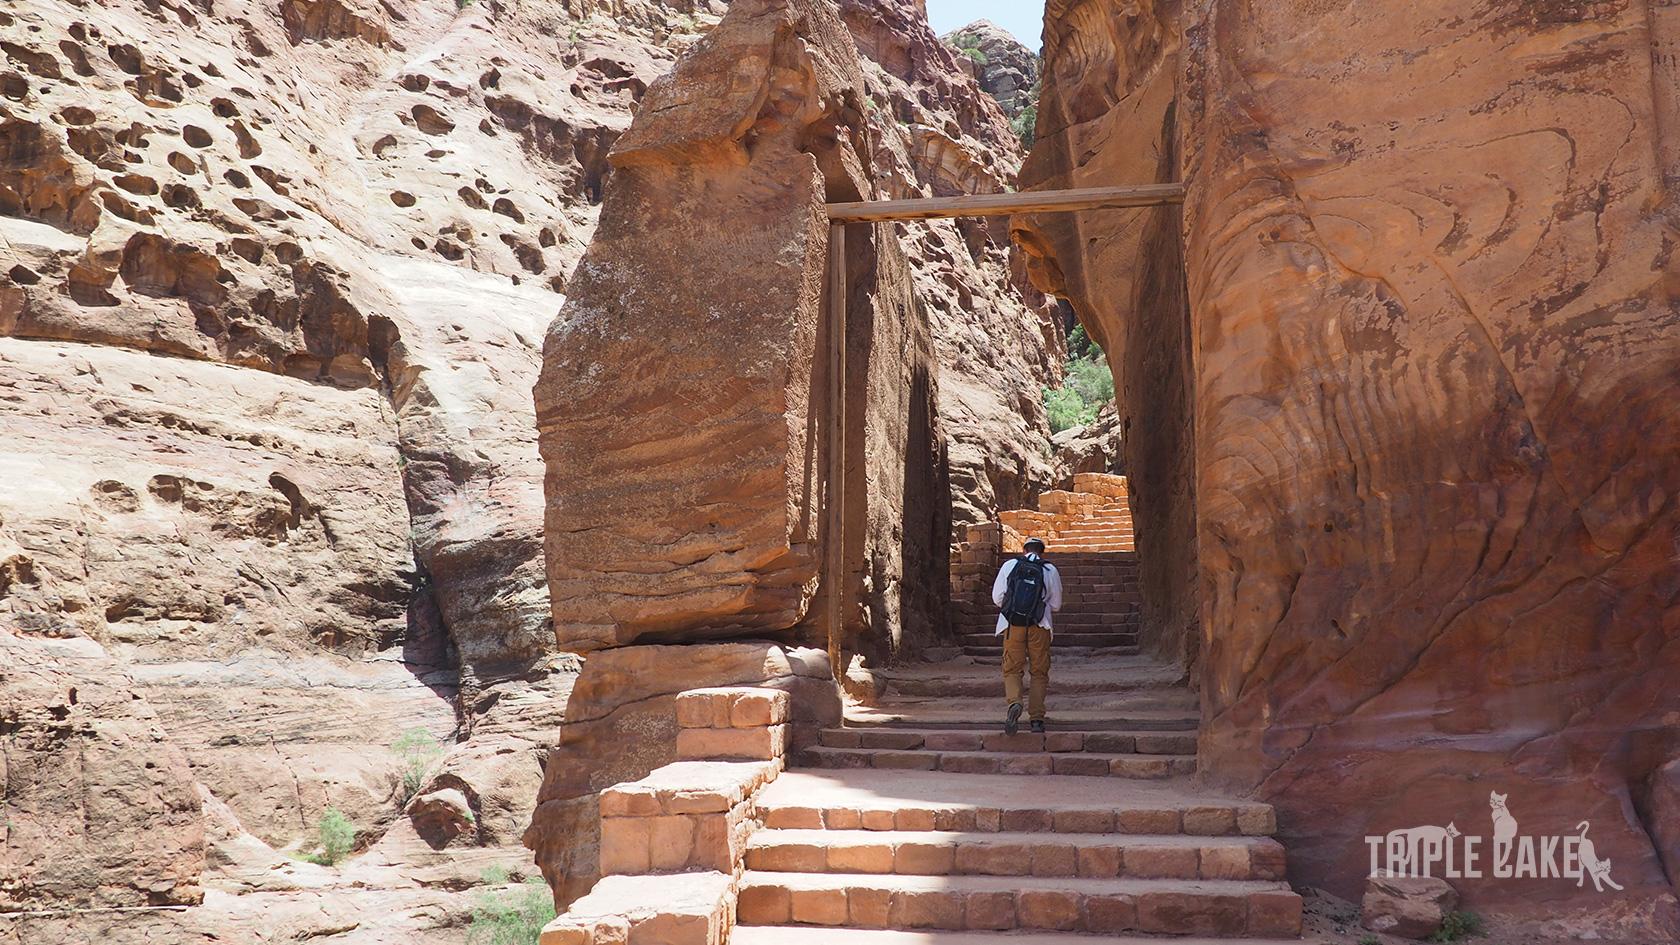 Schody do najlepszego widoku na Skarbiec / Stairs to the view point